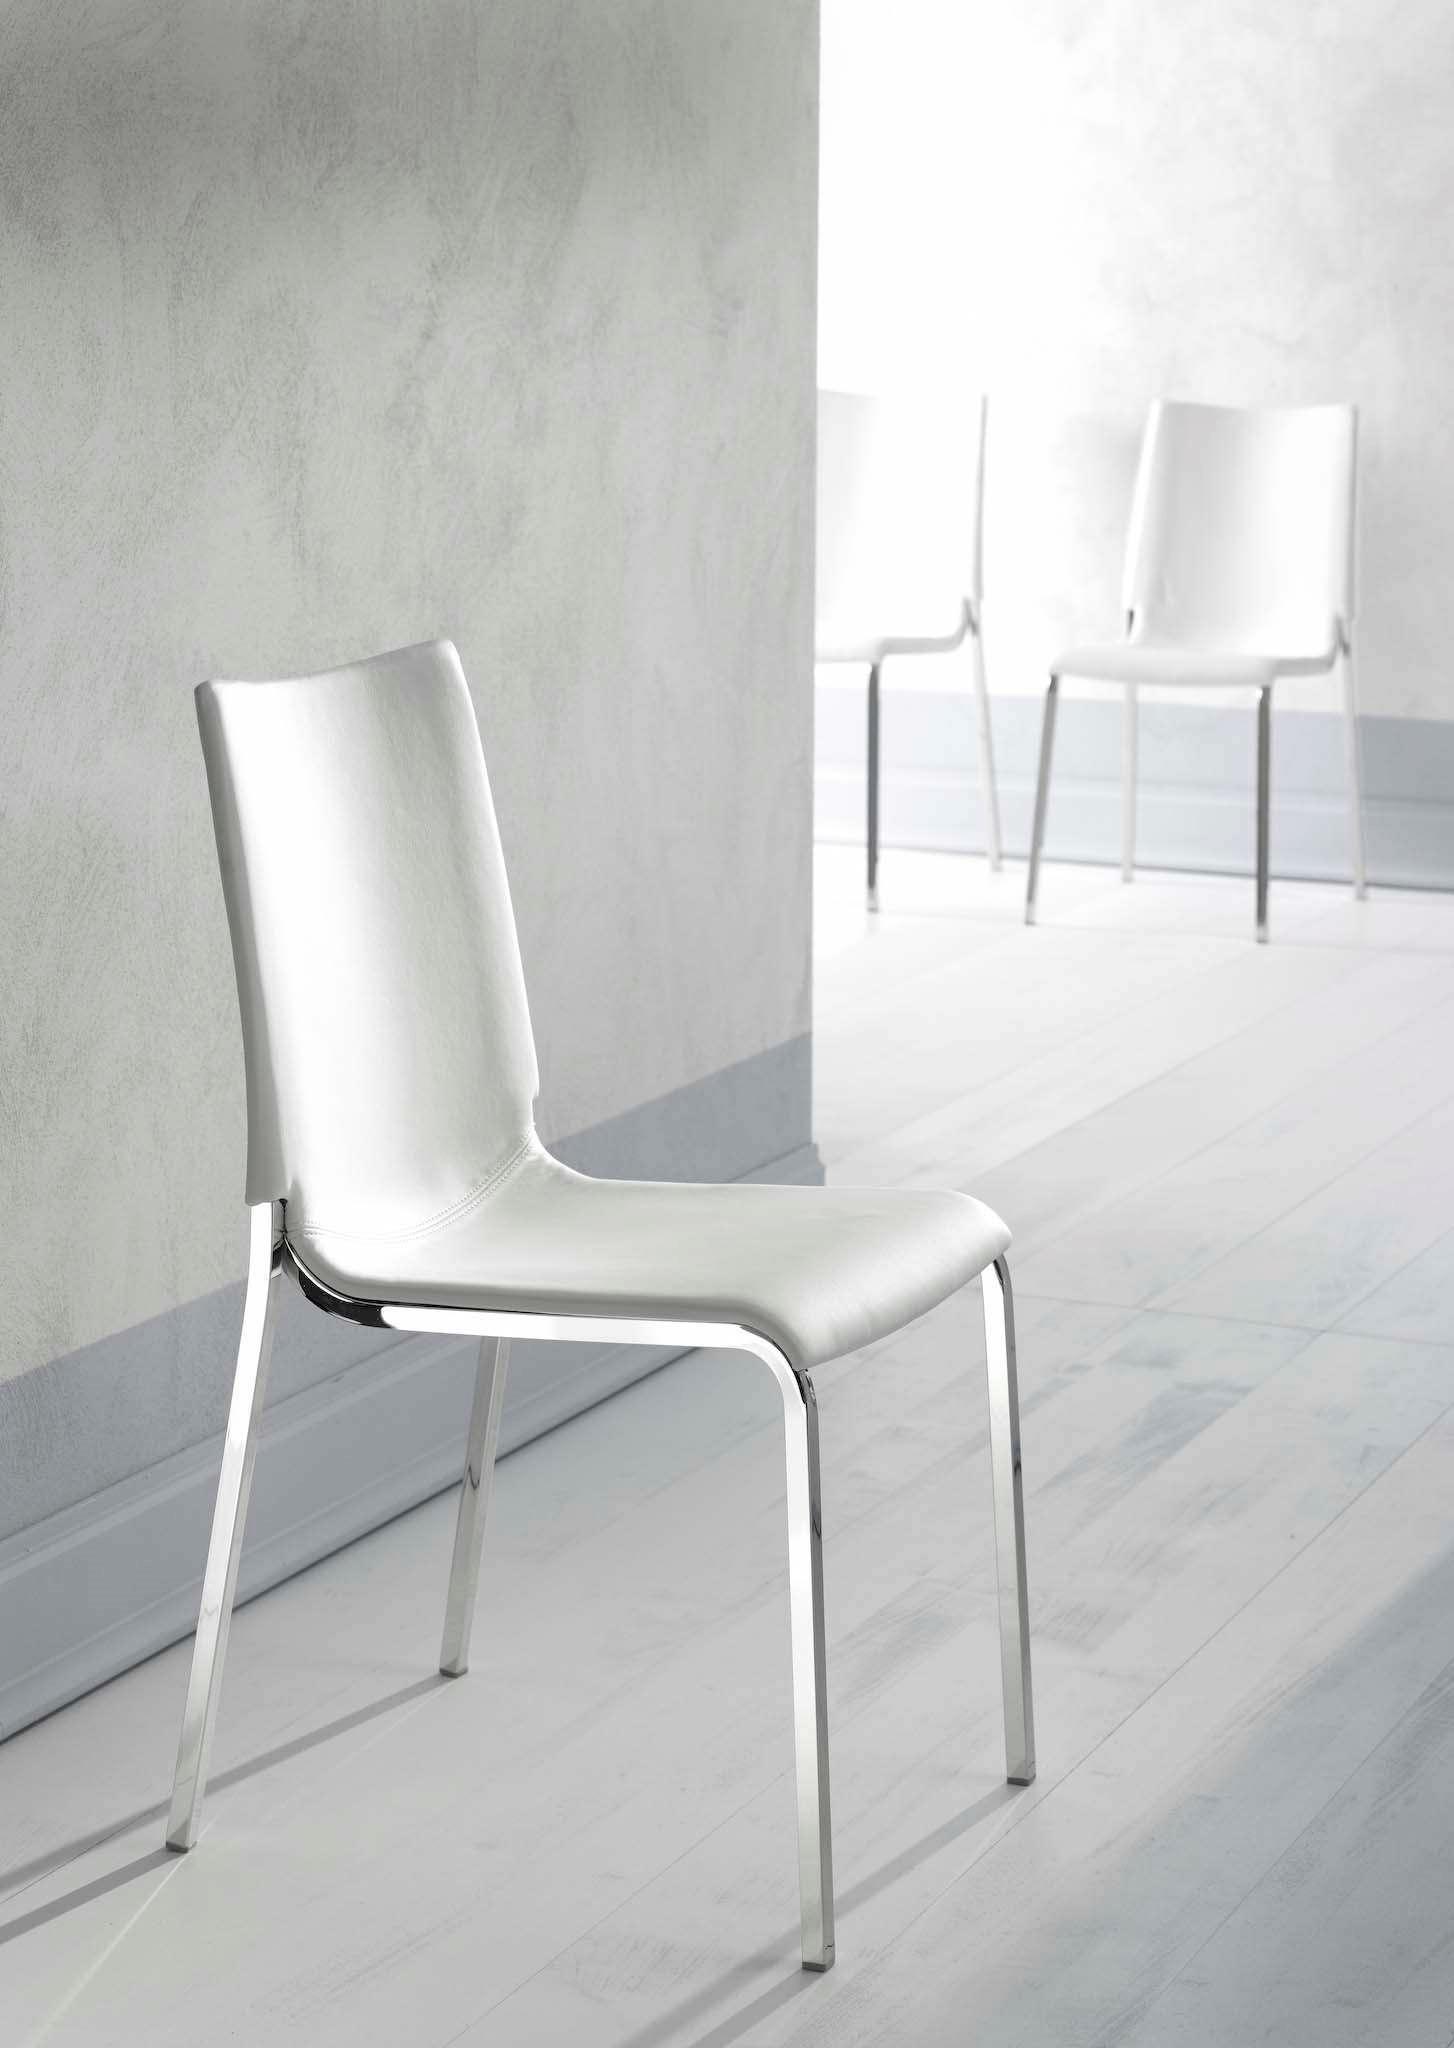 Sedia bontempi casa modello eva sedie a prezzi scontati for Sedia bianca cucina